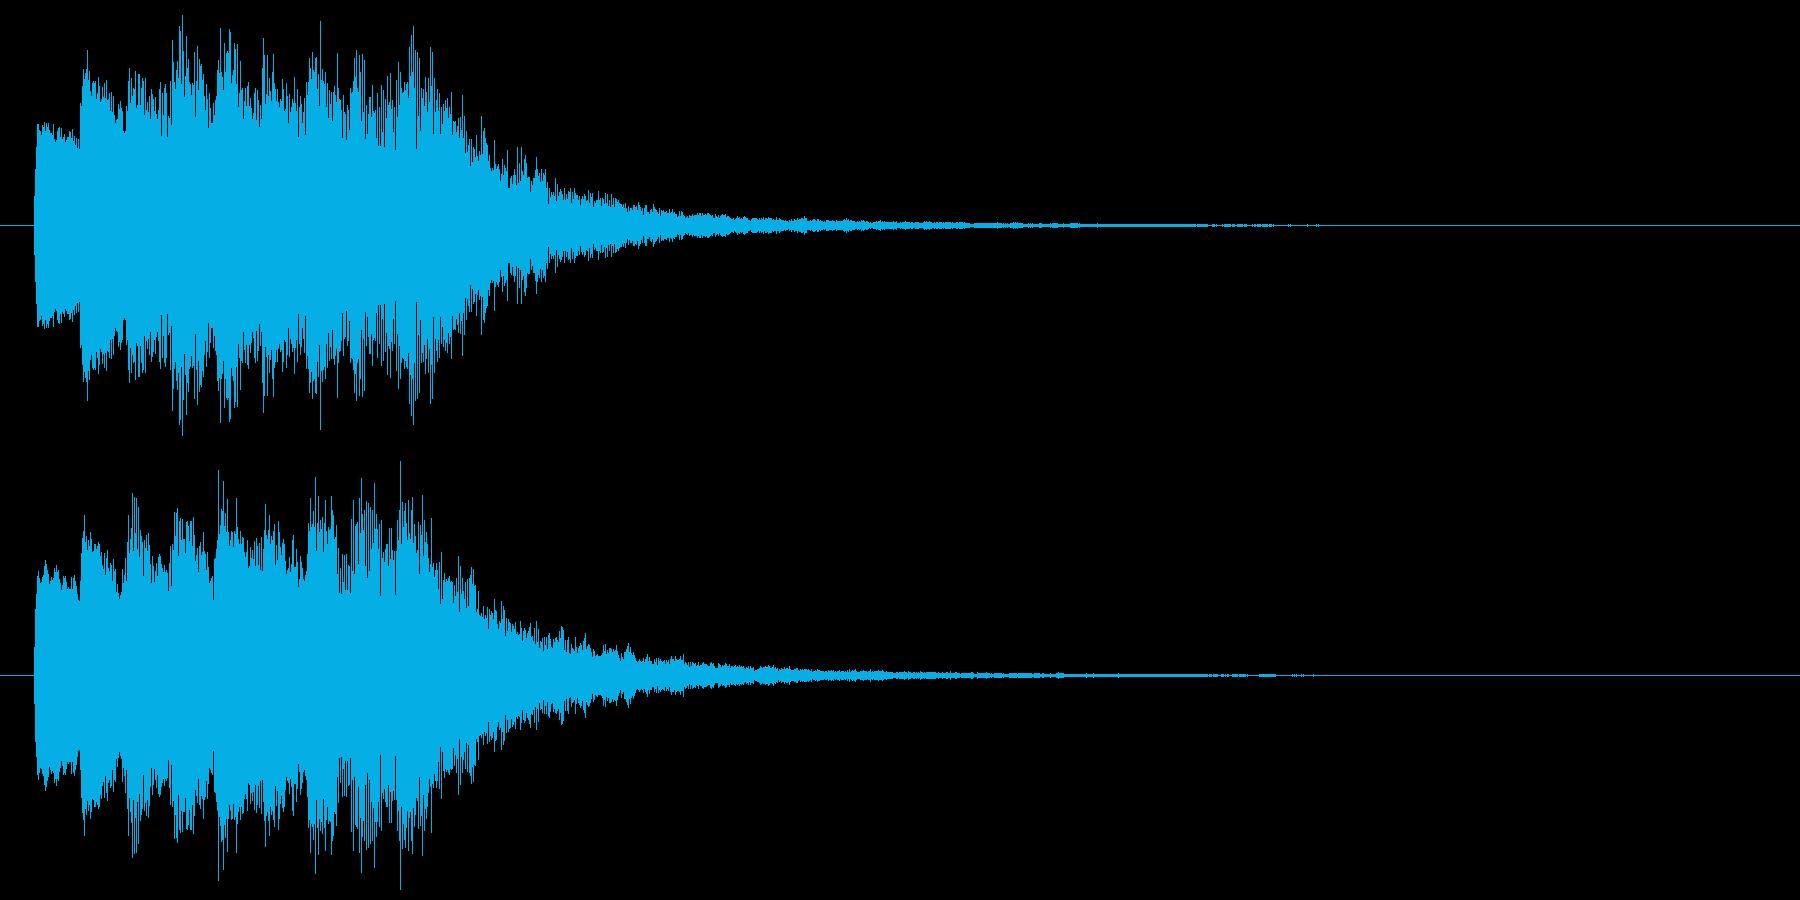 古いパソコンの終了音風ジングル1の再生済みの波形